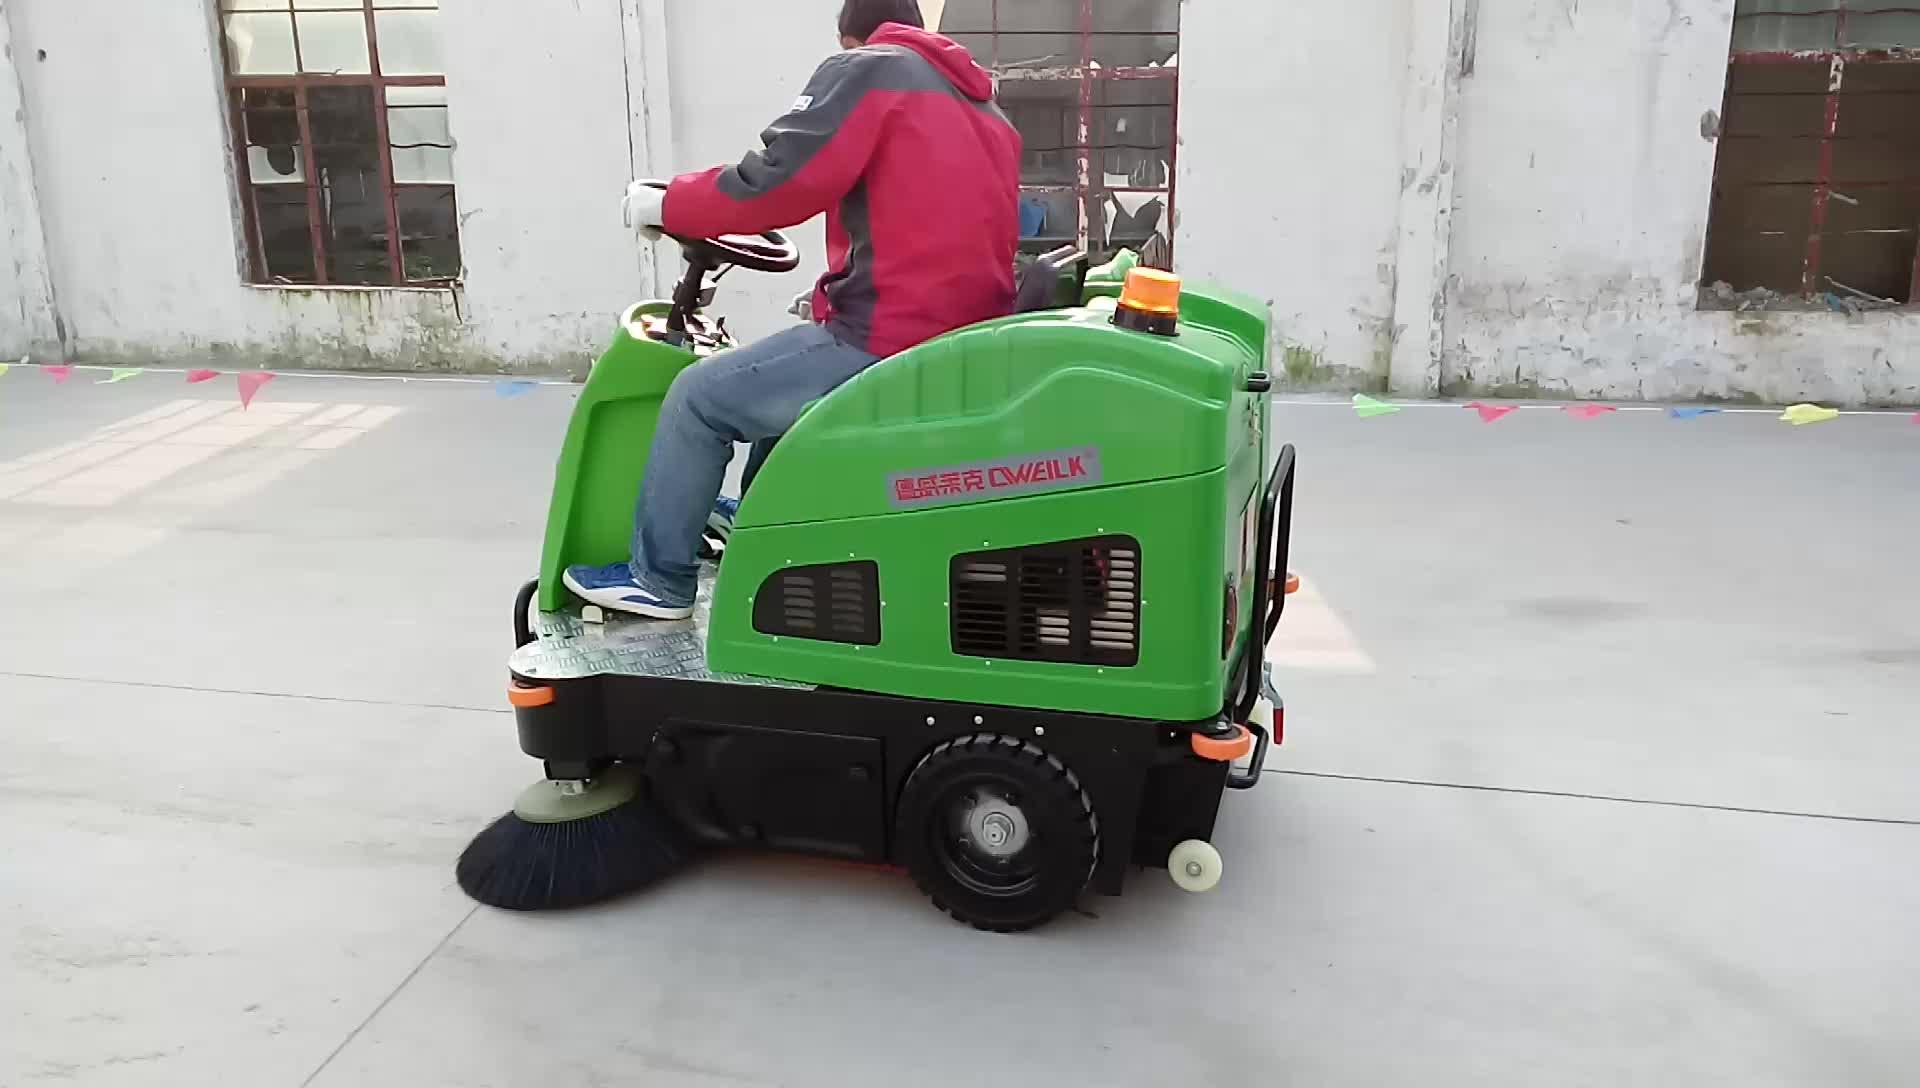 Elektrische Kehrmaschinenbodenreinigungsmaschine / Kehrmaschine mit Stahlbürste / elektrische Straßenkehrmaschine